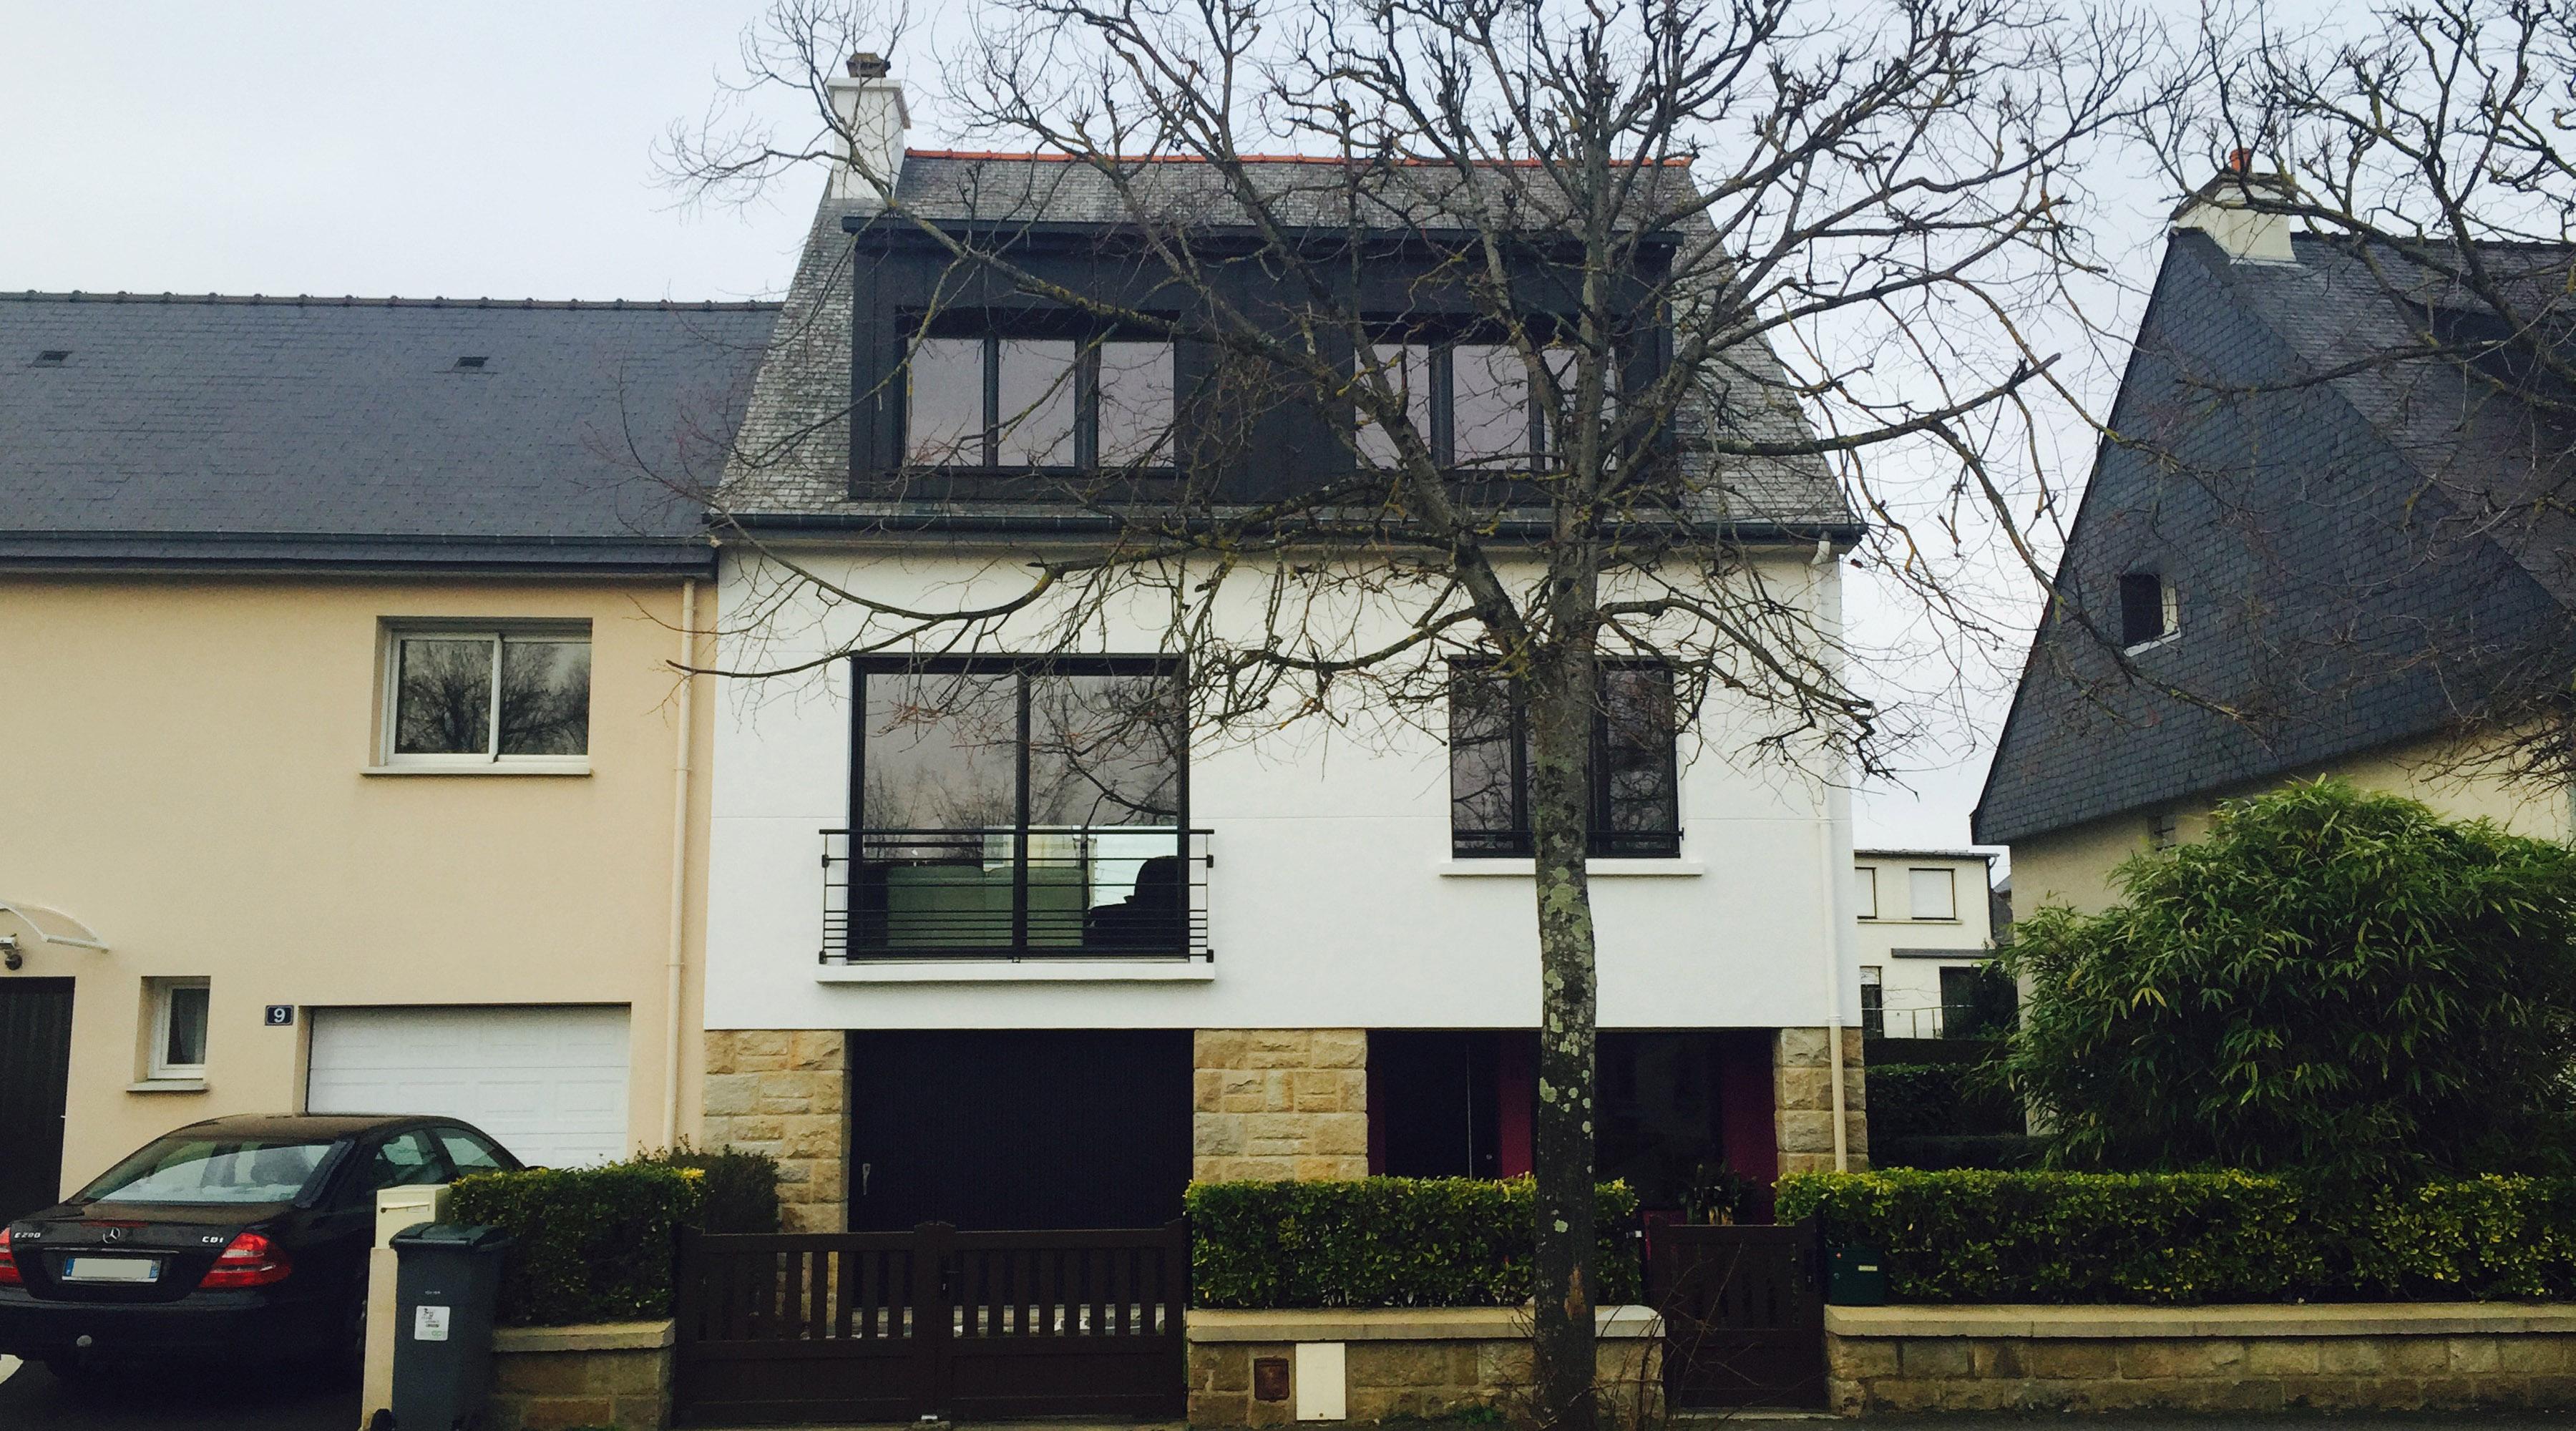 Projet r 1 2 vue architecte lise roturier rennes for Extension maison zone n